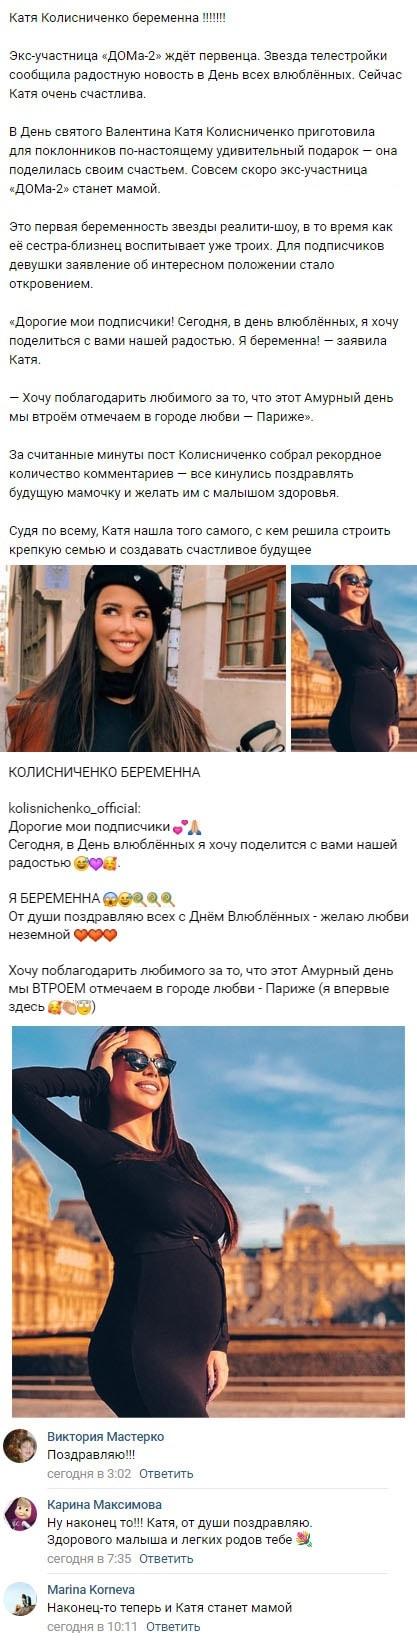 Екатерина Колисниченко сообщила о беременности